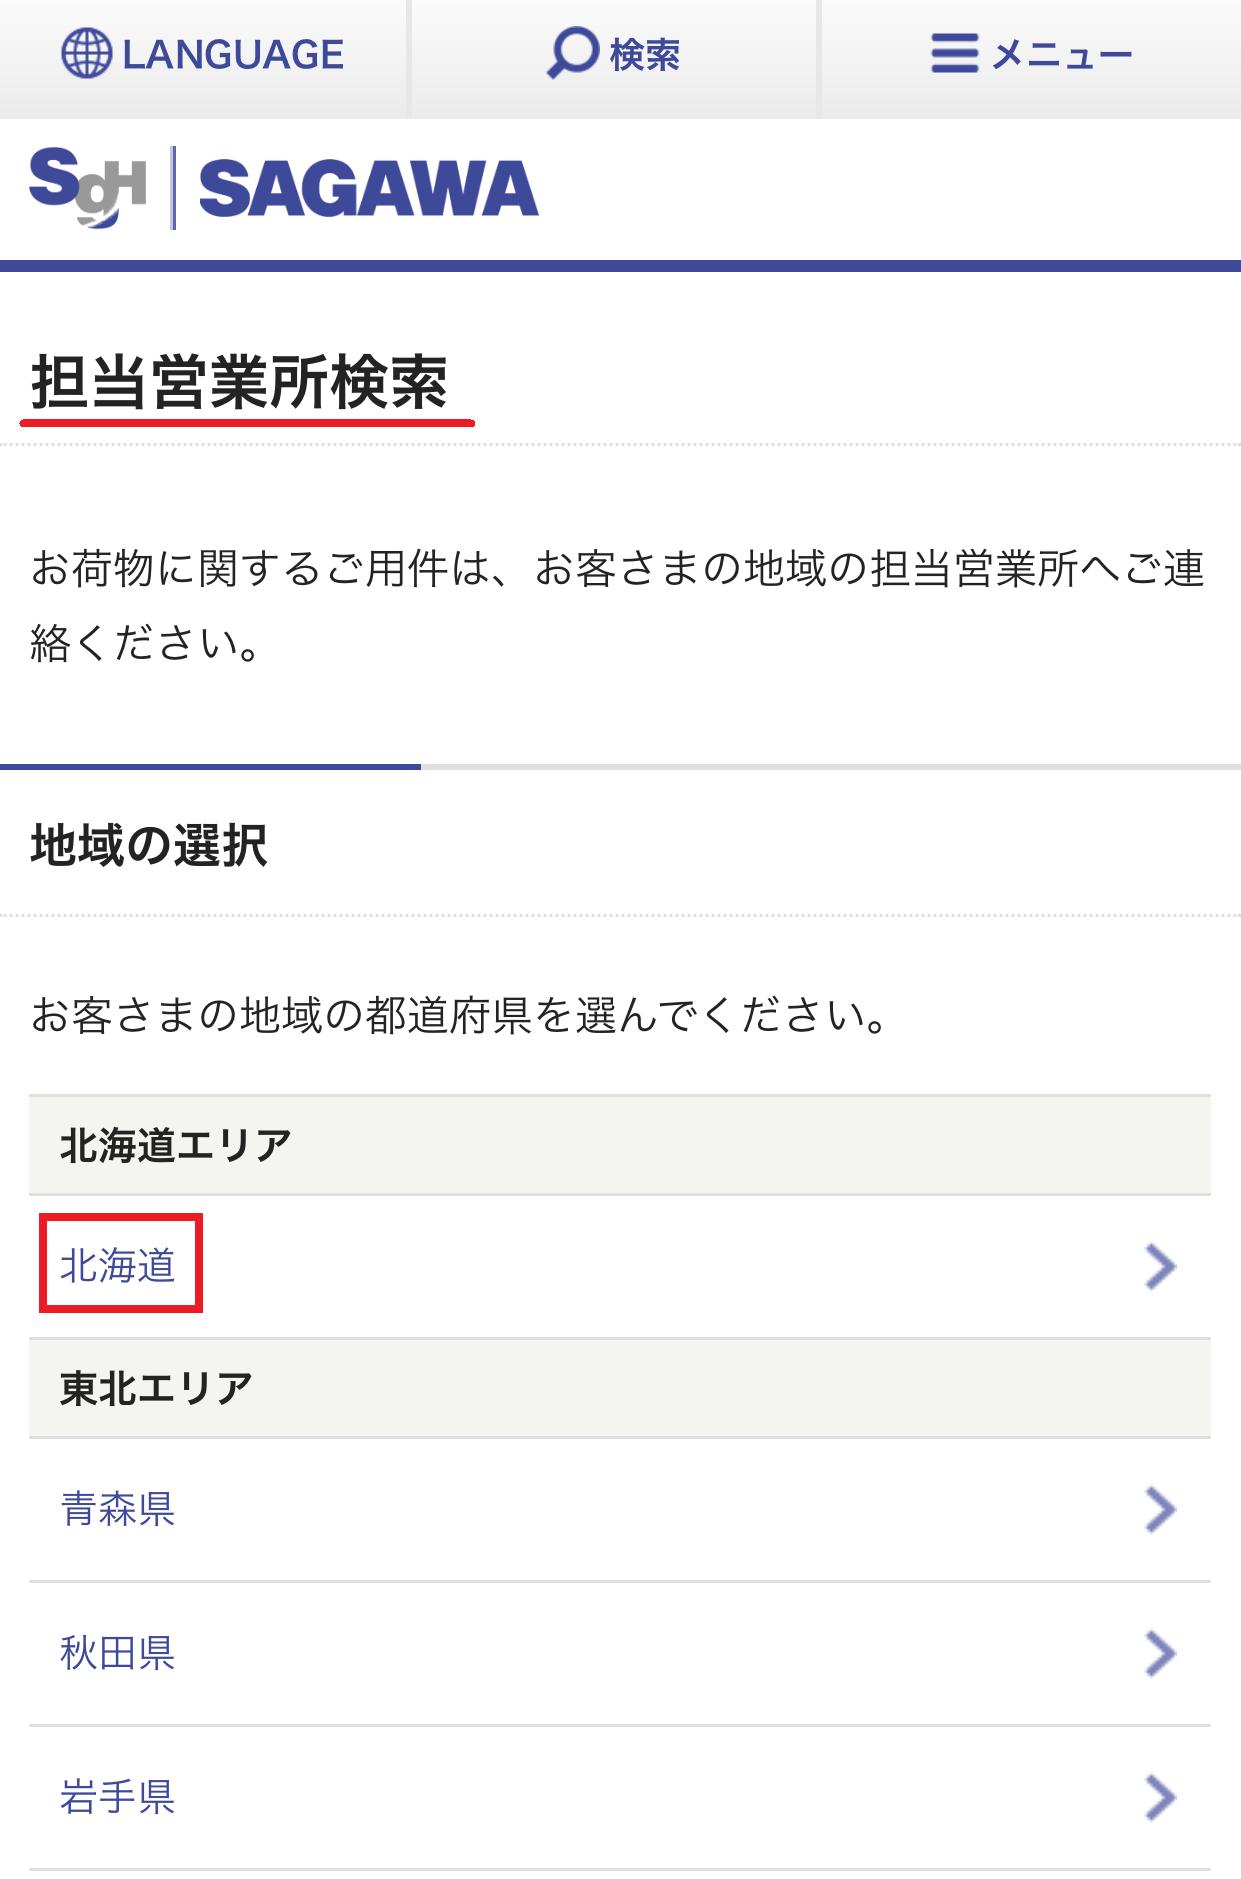 佐川急便公式サイト「担当営業所検索 地域の選択」